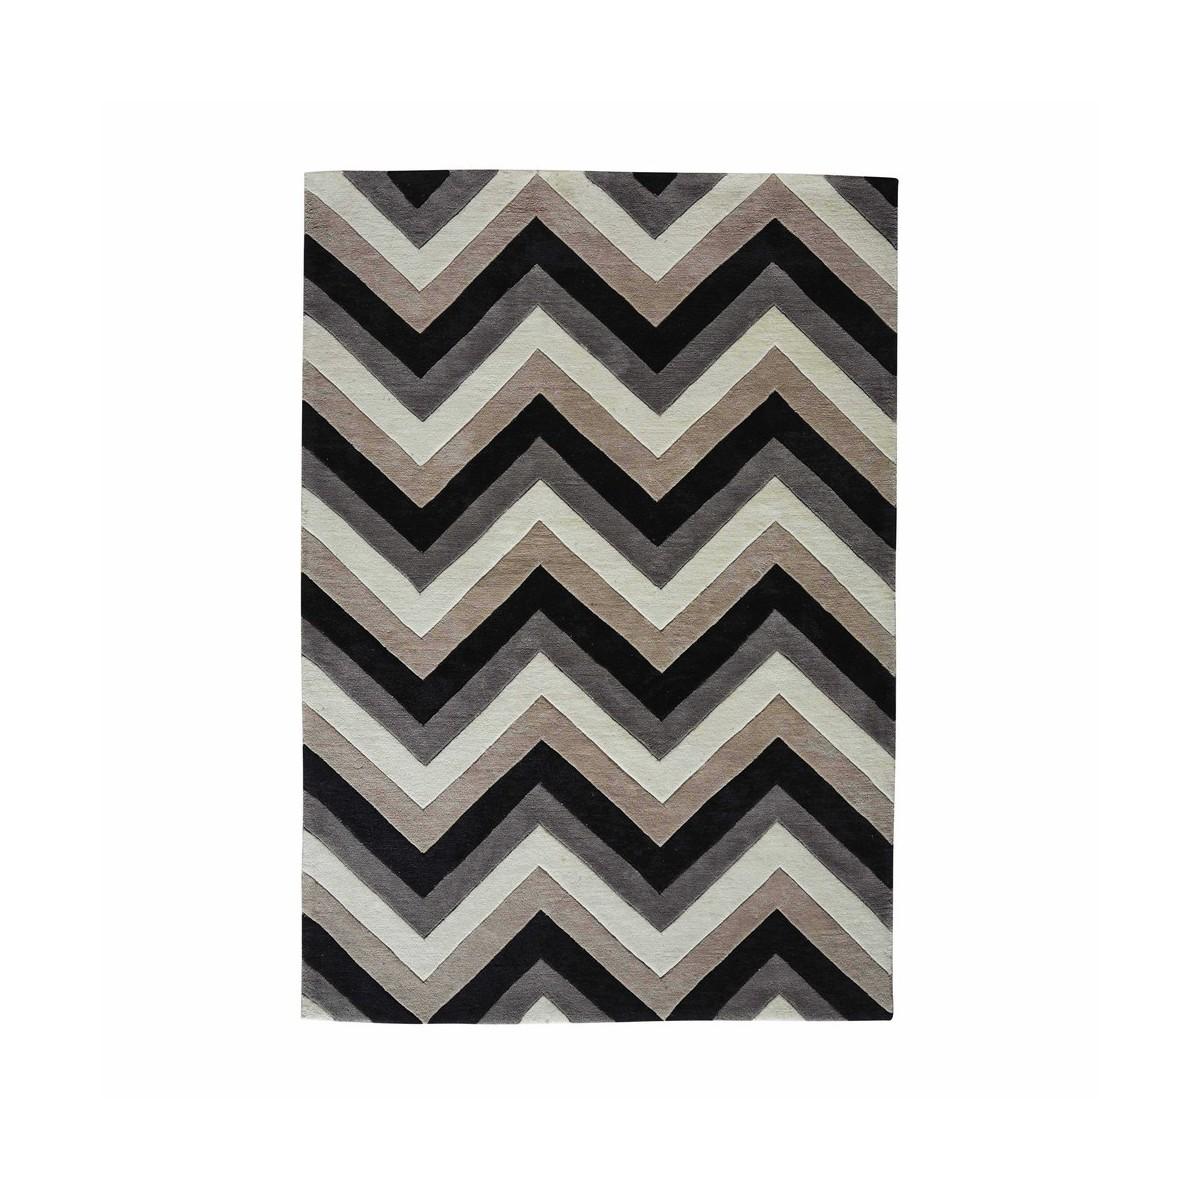 Carrelage Design tapis poil court : tapis-a-poils-courts-gris-noir-140-x-200-cm-urban-1000-12-36-147759_0